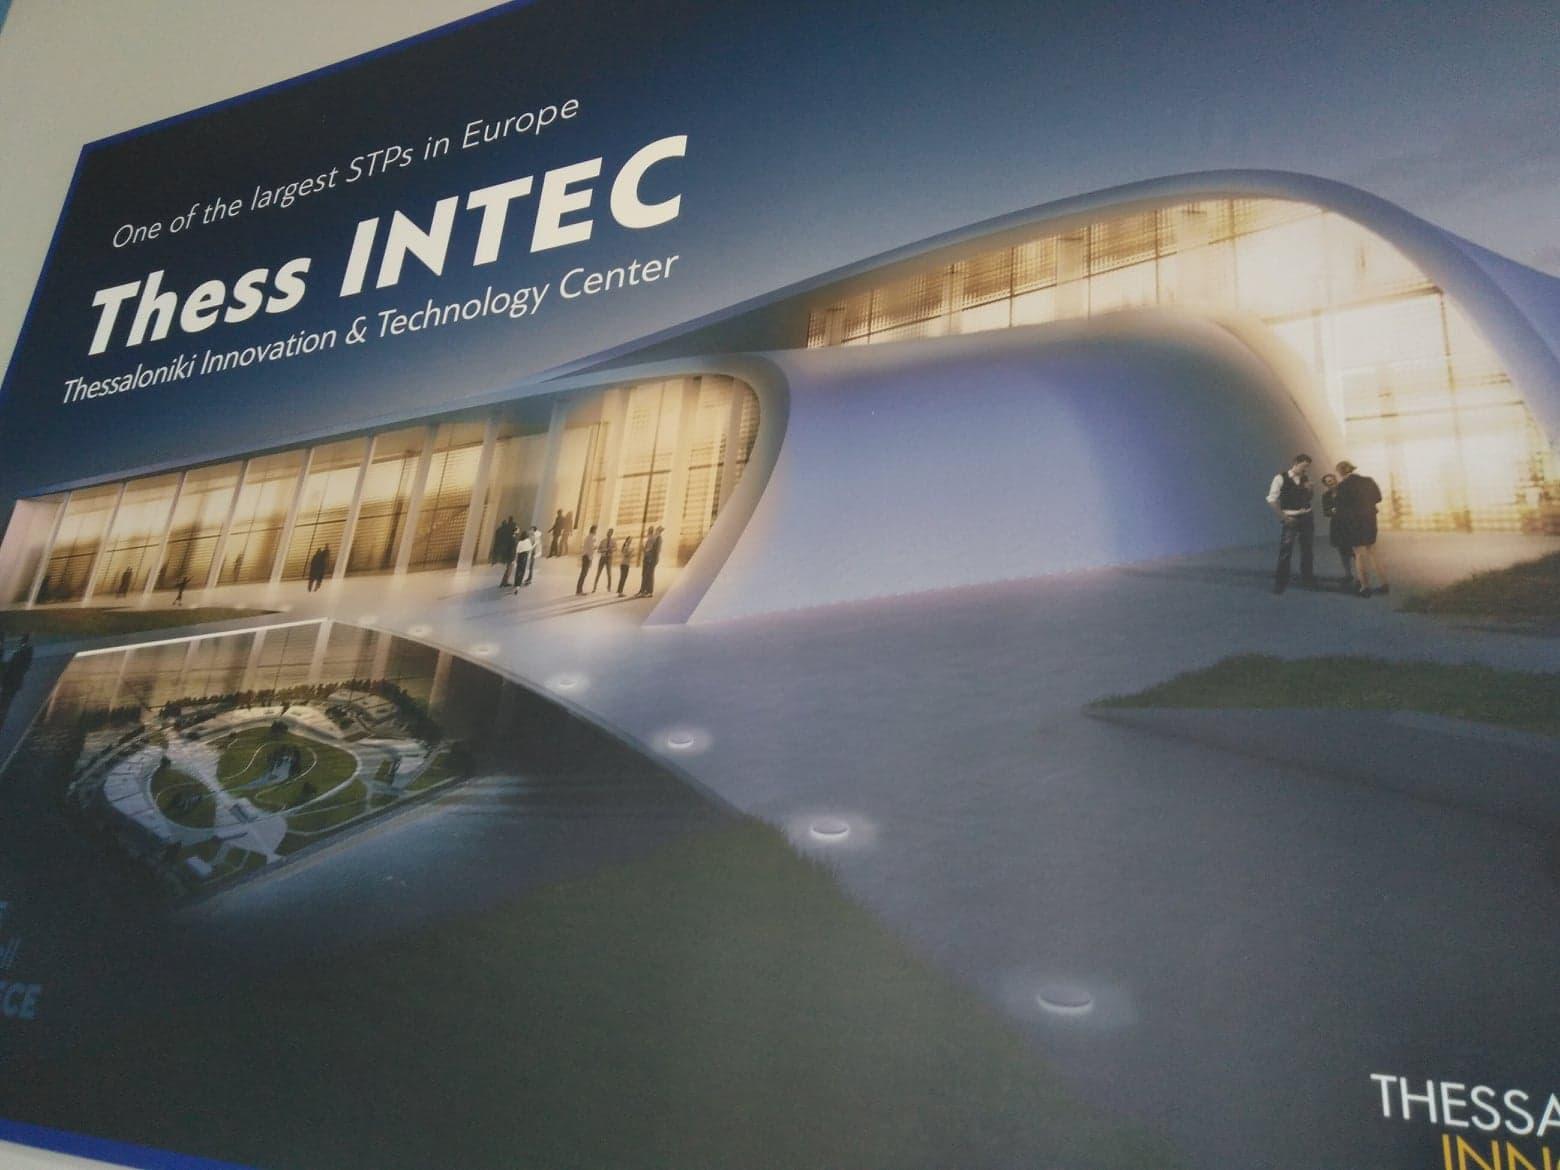 Στα έργα του Ταμείου Ανάπτυξης εντάχθηκε το Thess INTEC